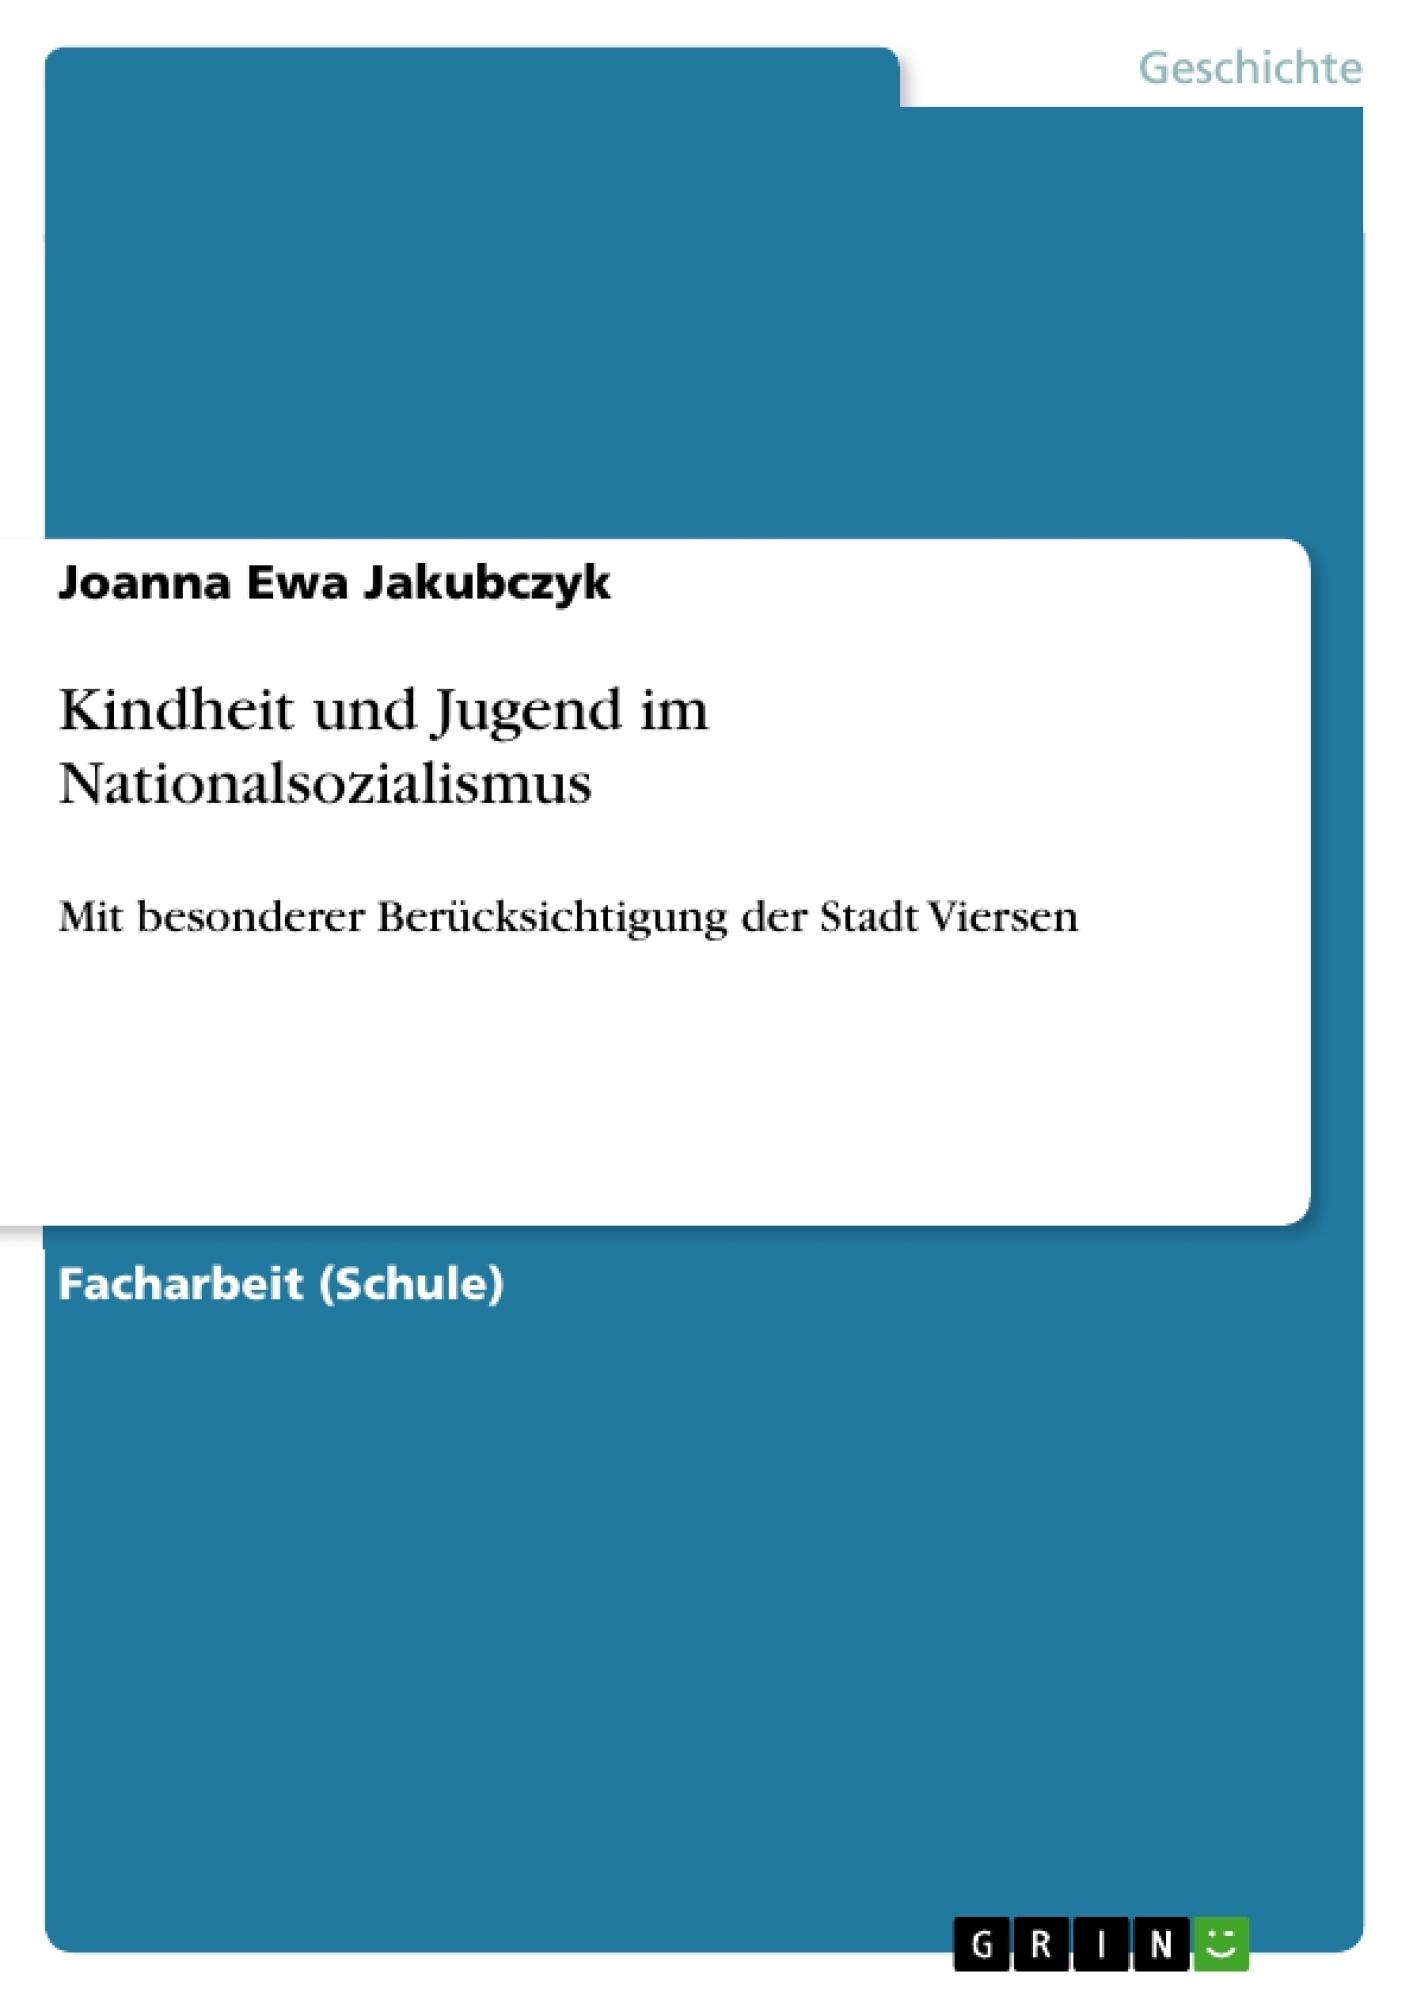 Titel: Kindheit und Jugend im Nationalsozialismus